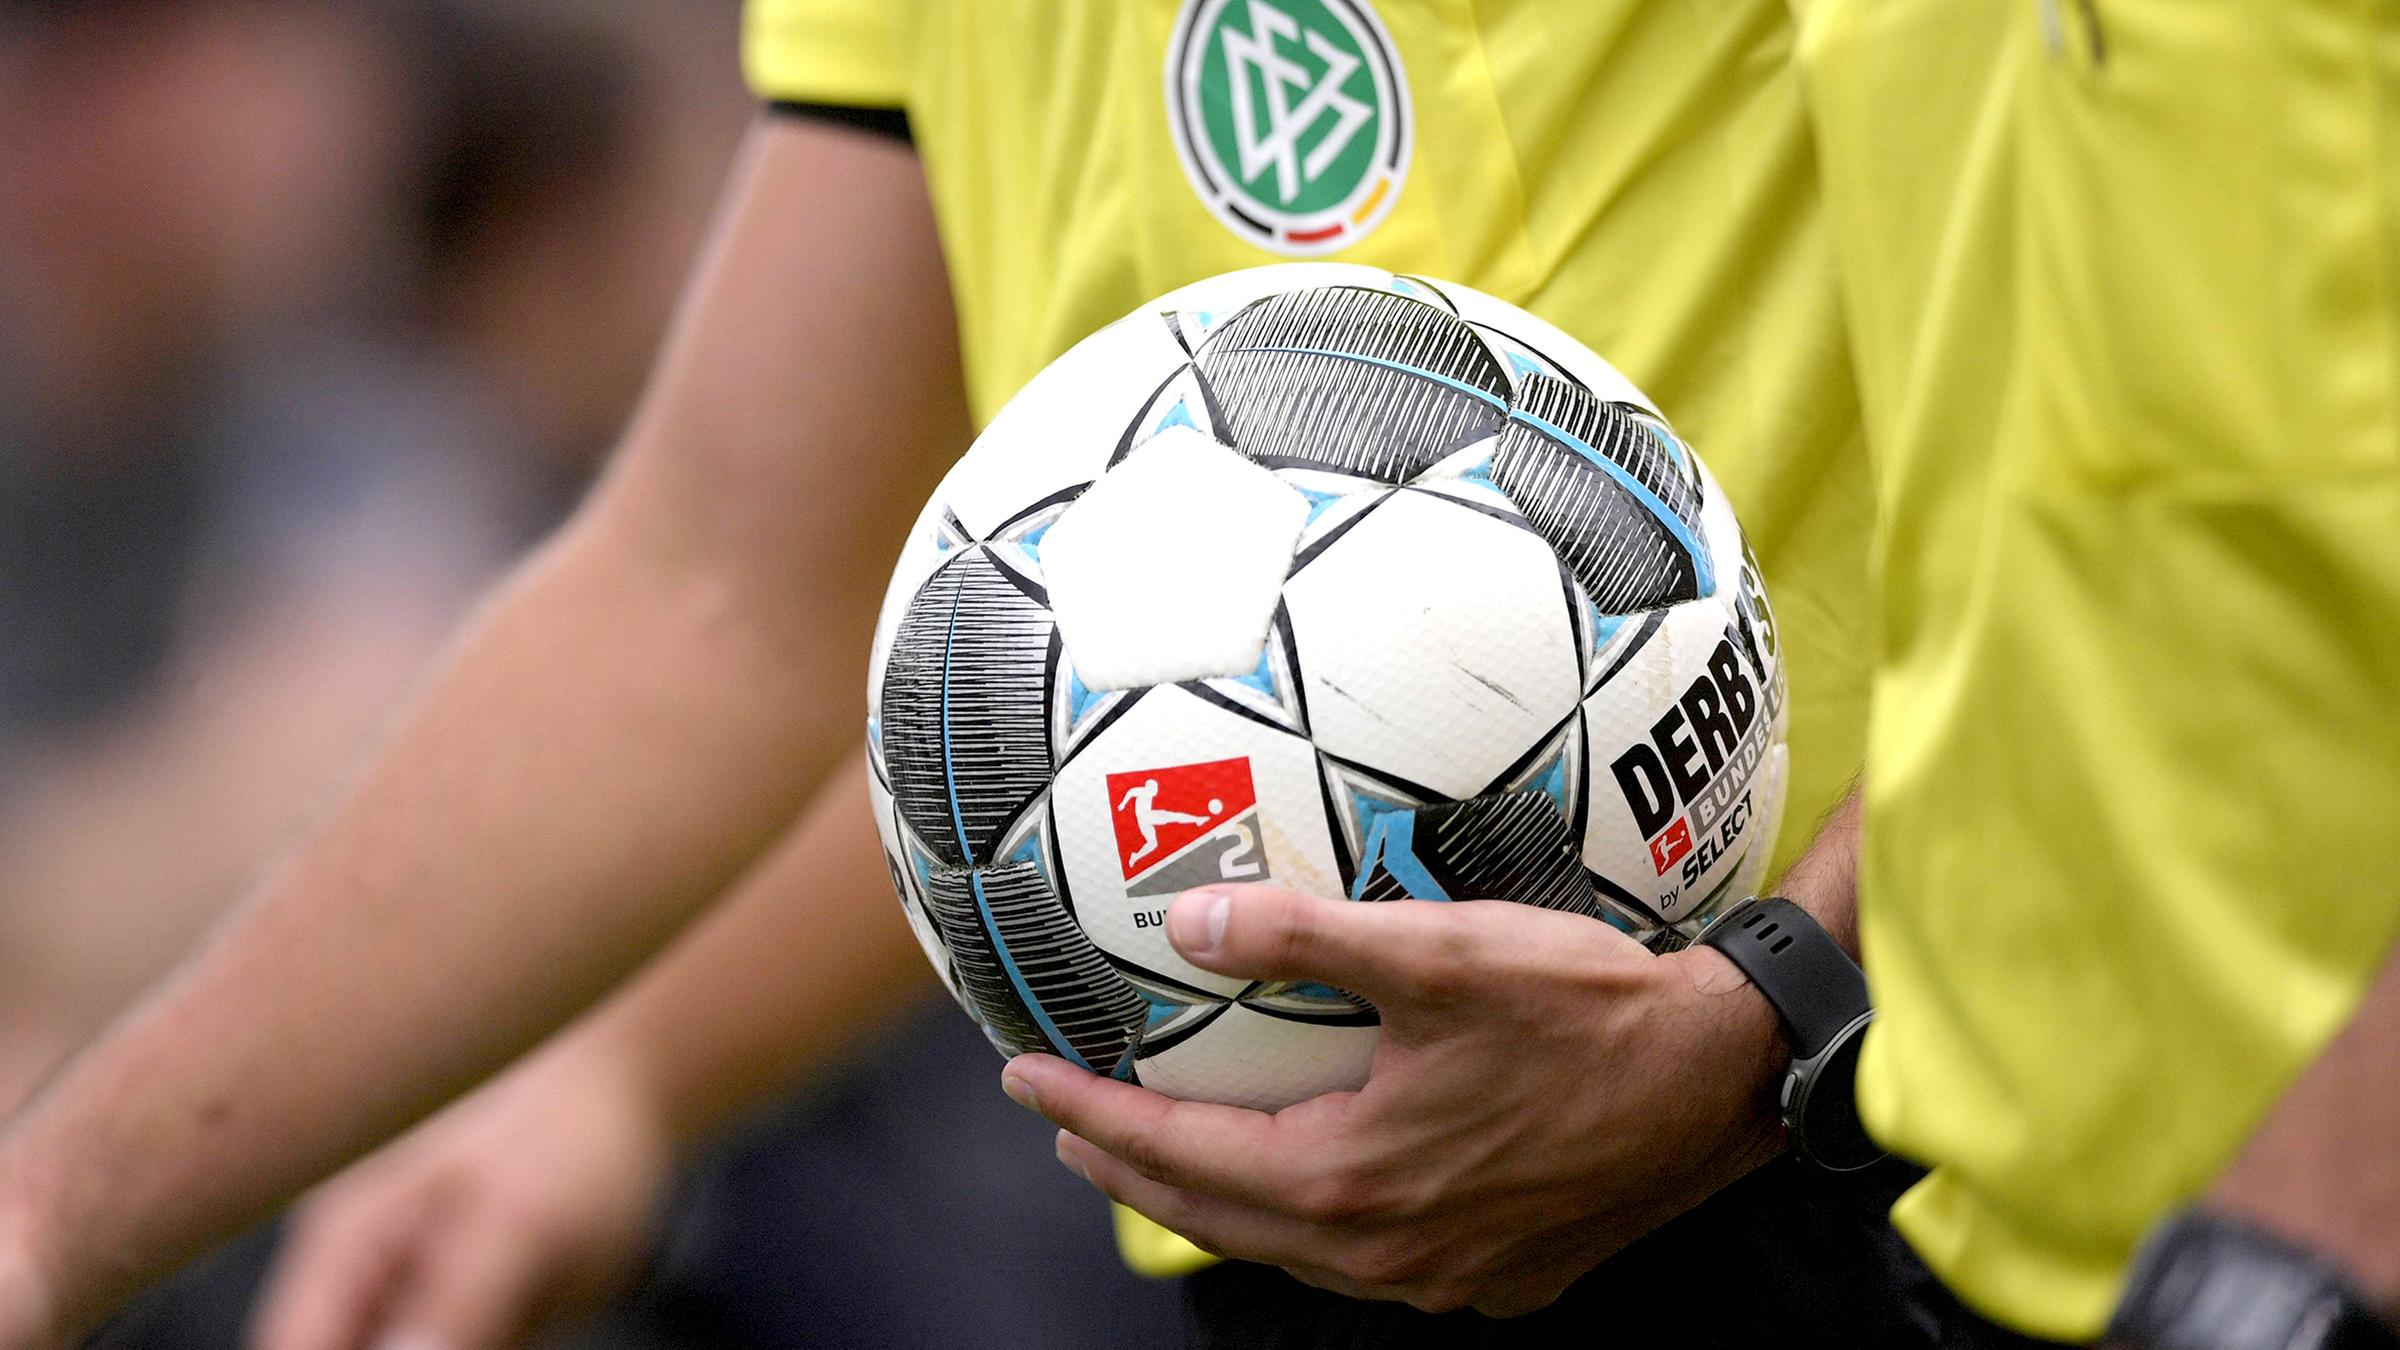 Fußball Bundesliga - Typical Liveticker